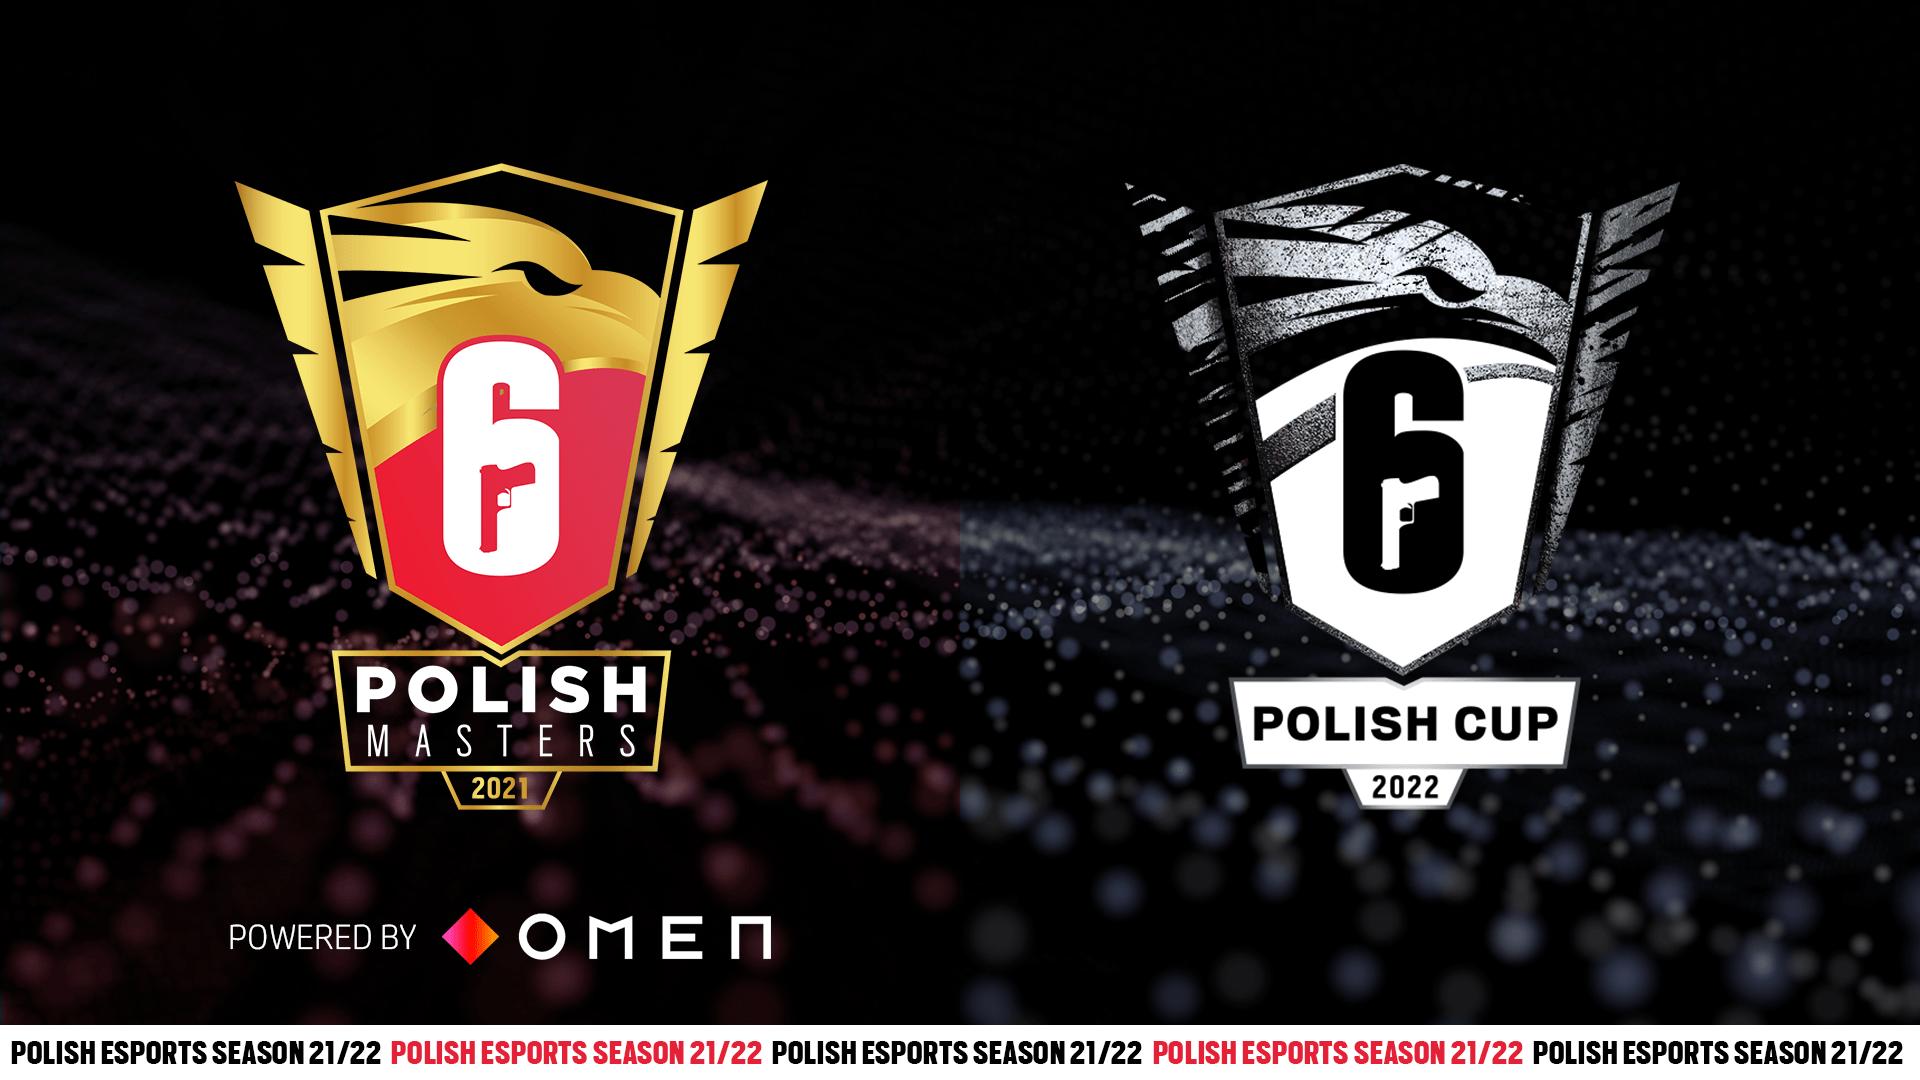 Zapowiedziano cykl rozgrywek Rainbow Six: Siege na rok 2021. W planie kolejne edycje Polish Masters oraz Polish Cup. Fot. Ubisoft Polska